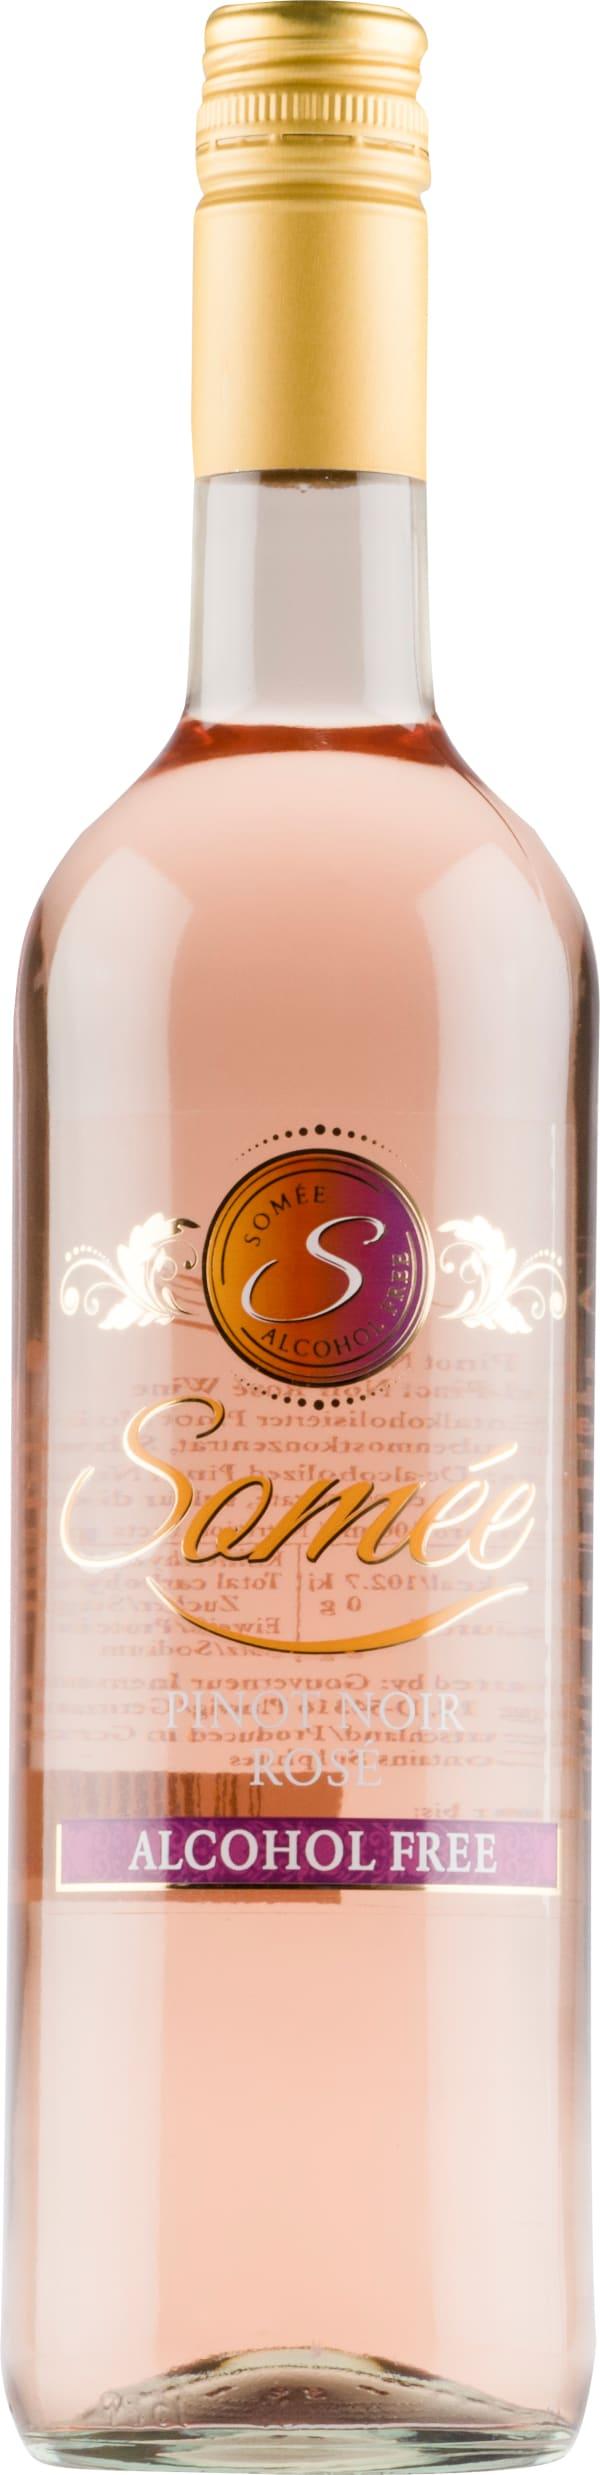 Somée Pinot Noir Rosé Alcohol Free